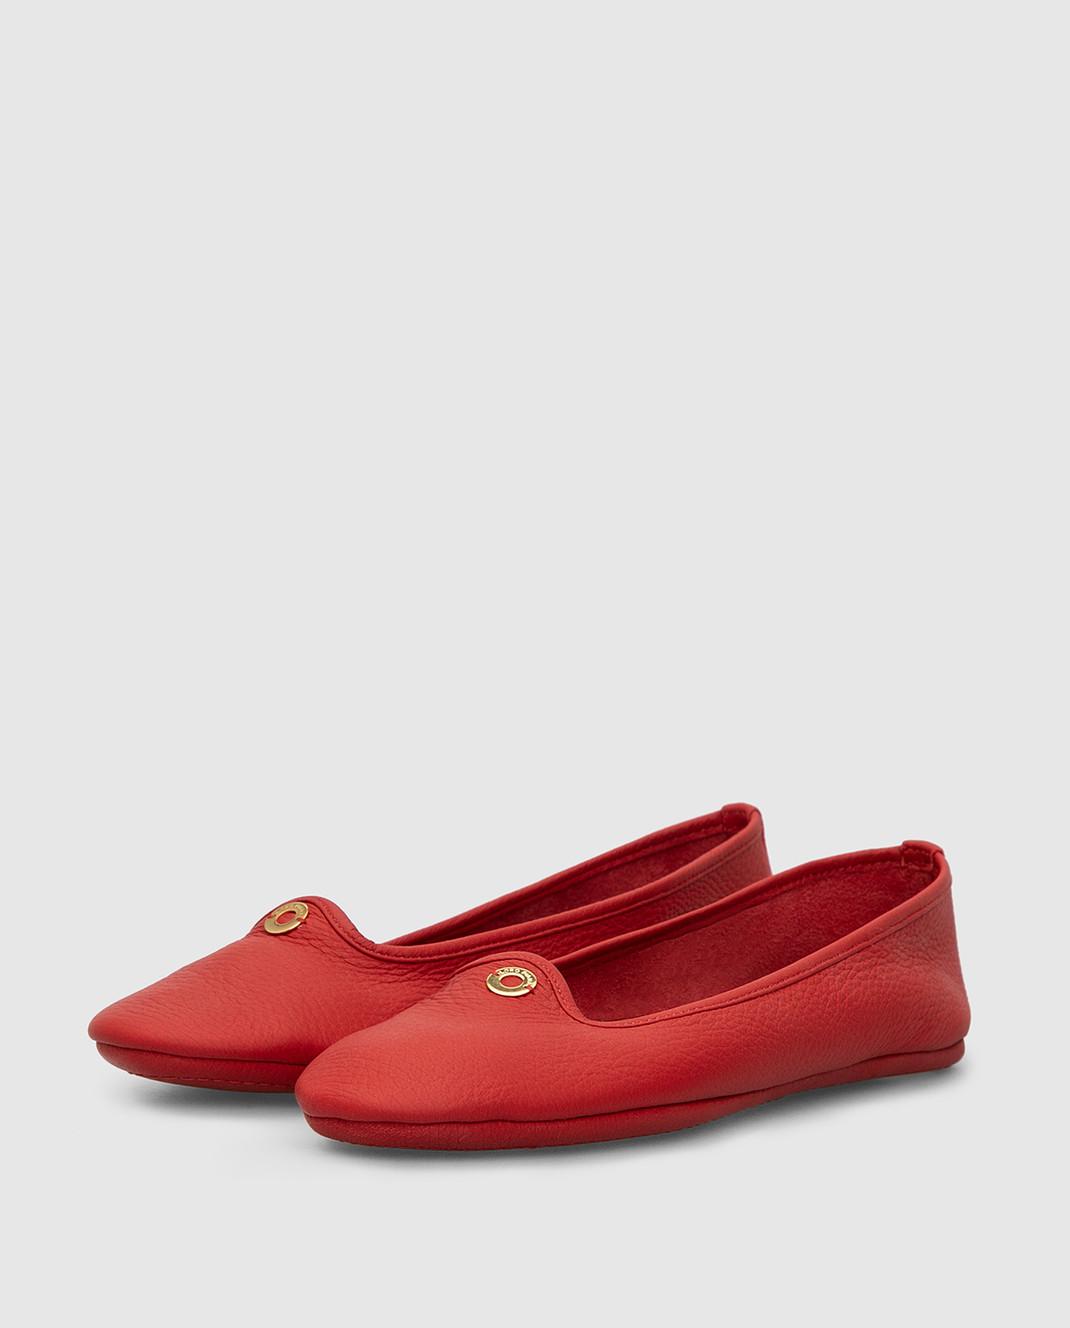 Loro Piana Красные кожаные балетки F3FAF8837 изображение 3